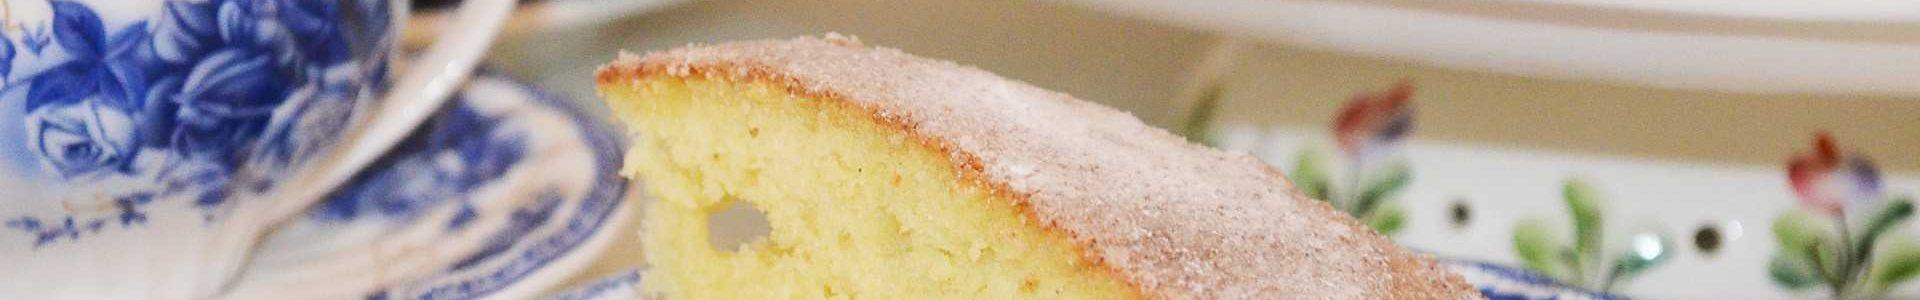 Масляный пирог с изюмом